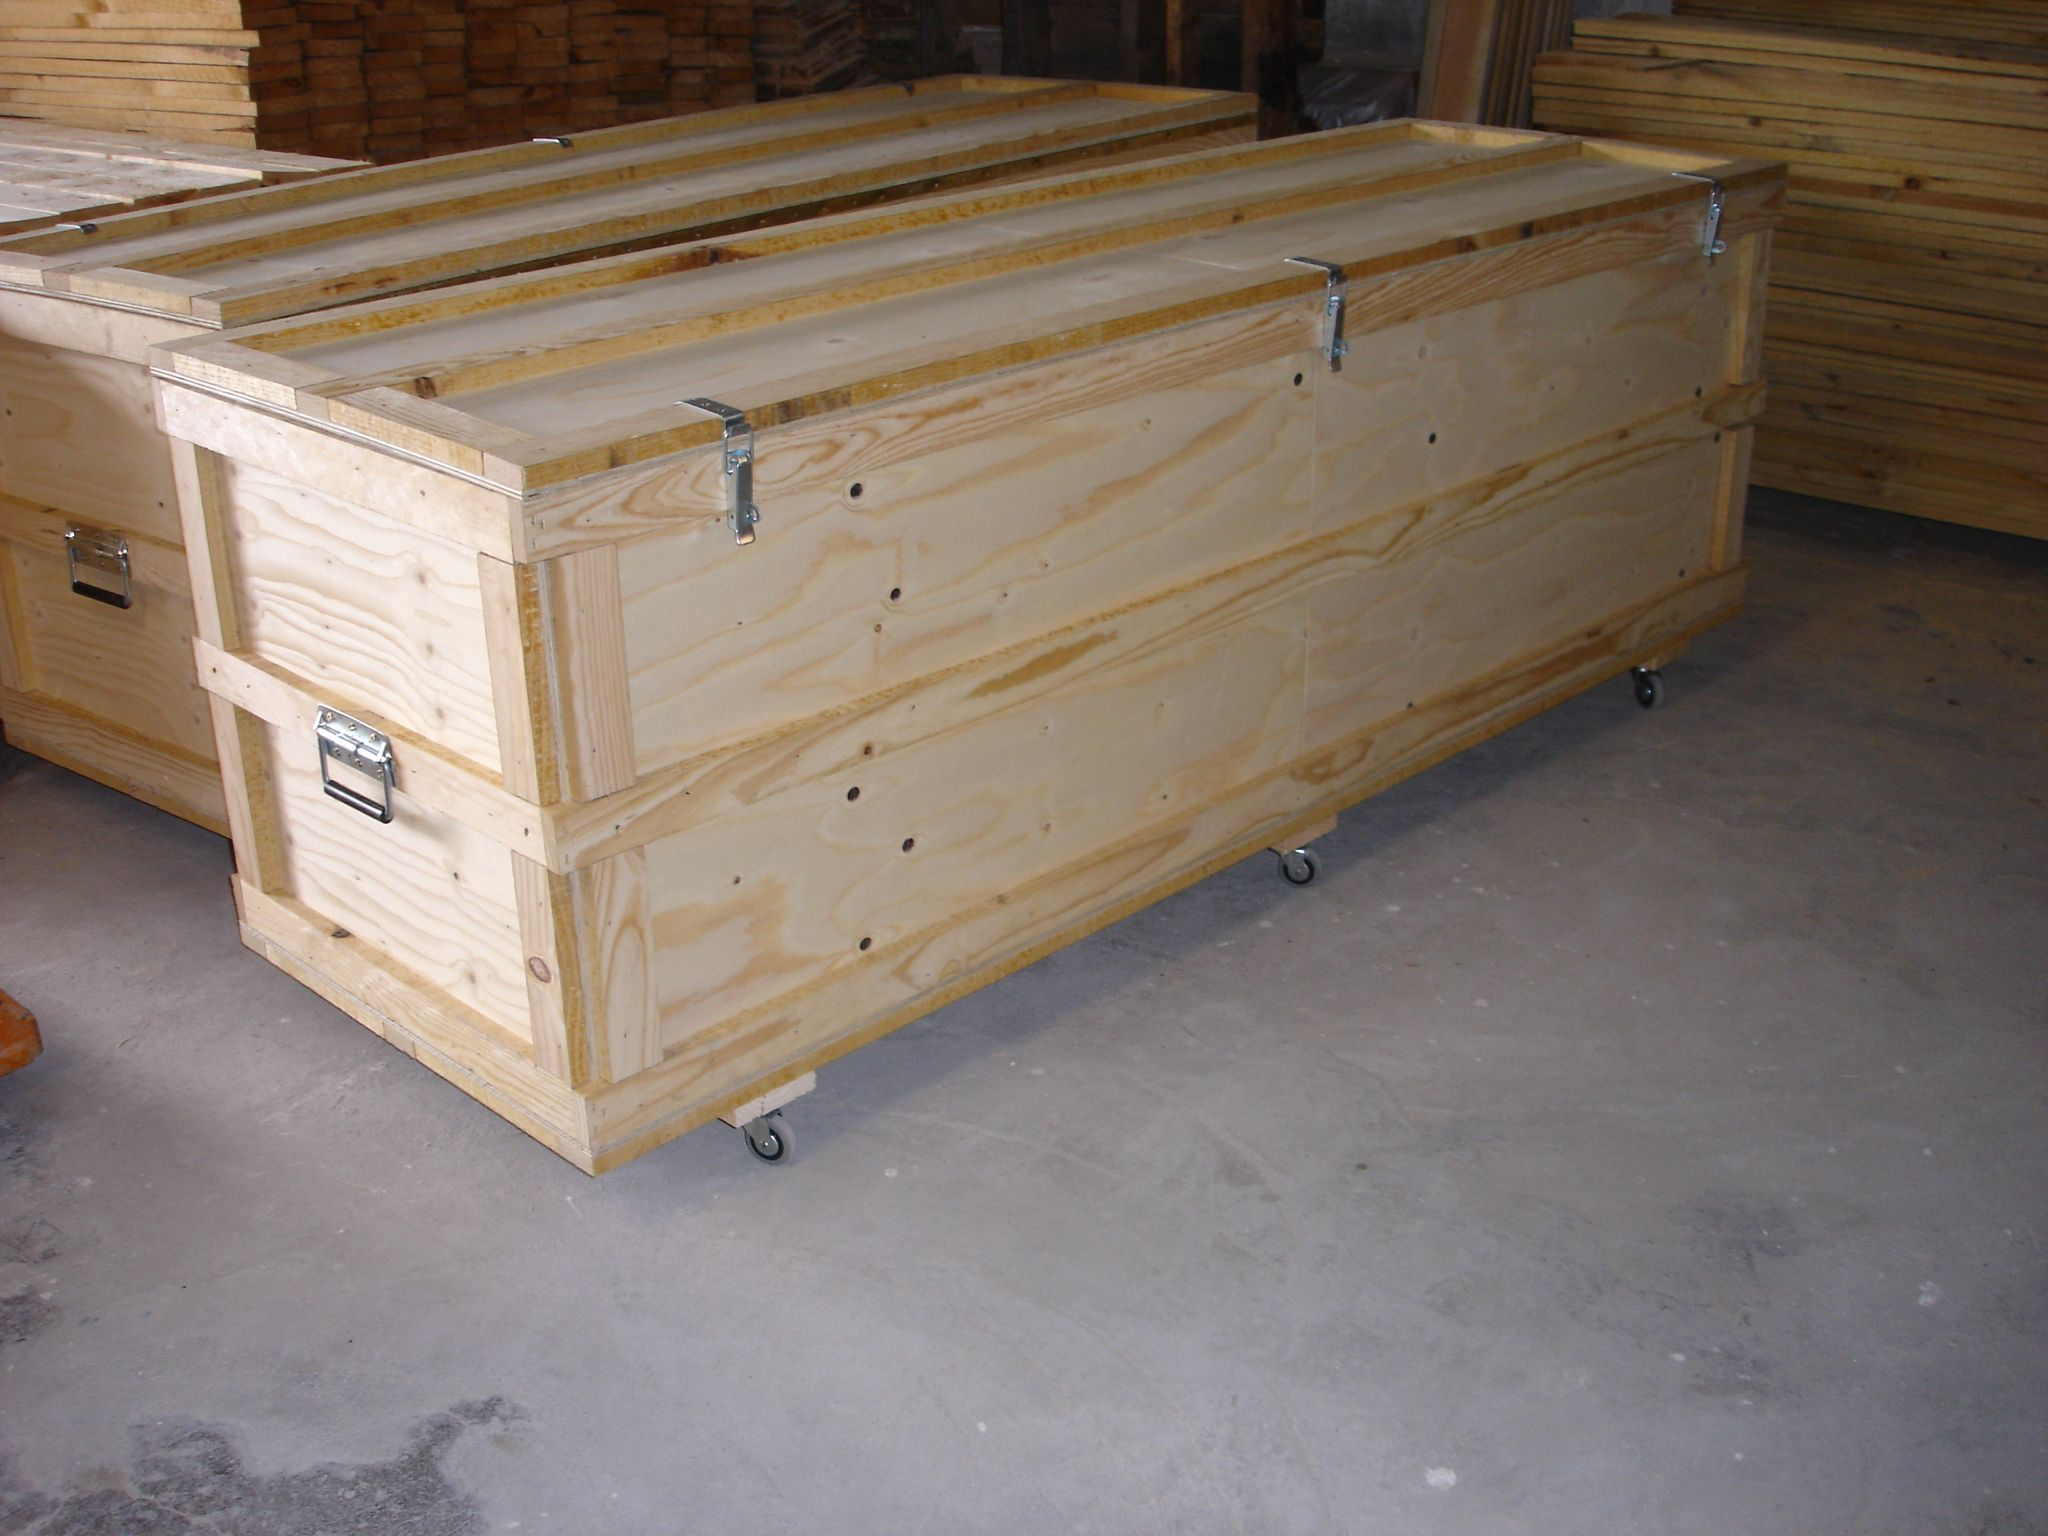 cajas de madera para obras de arte - Caja De Madera Fruta